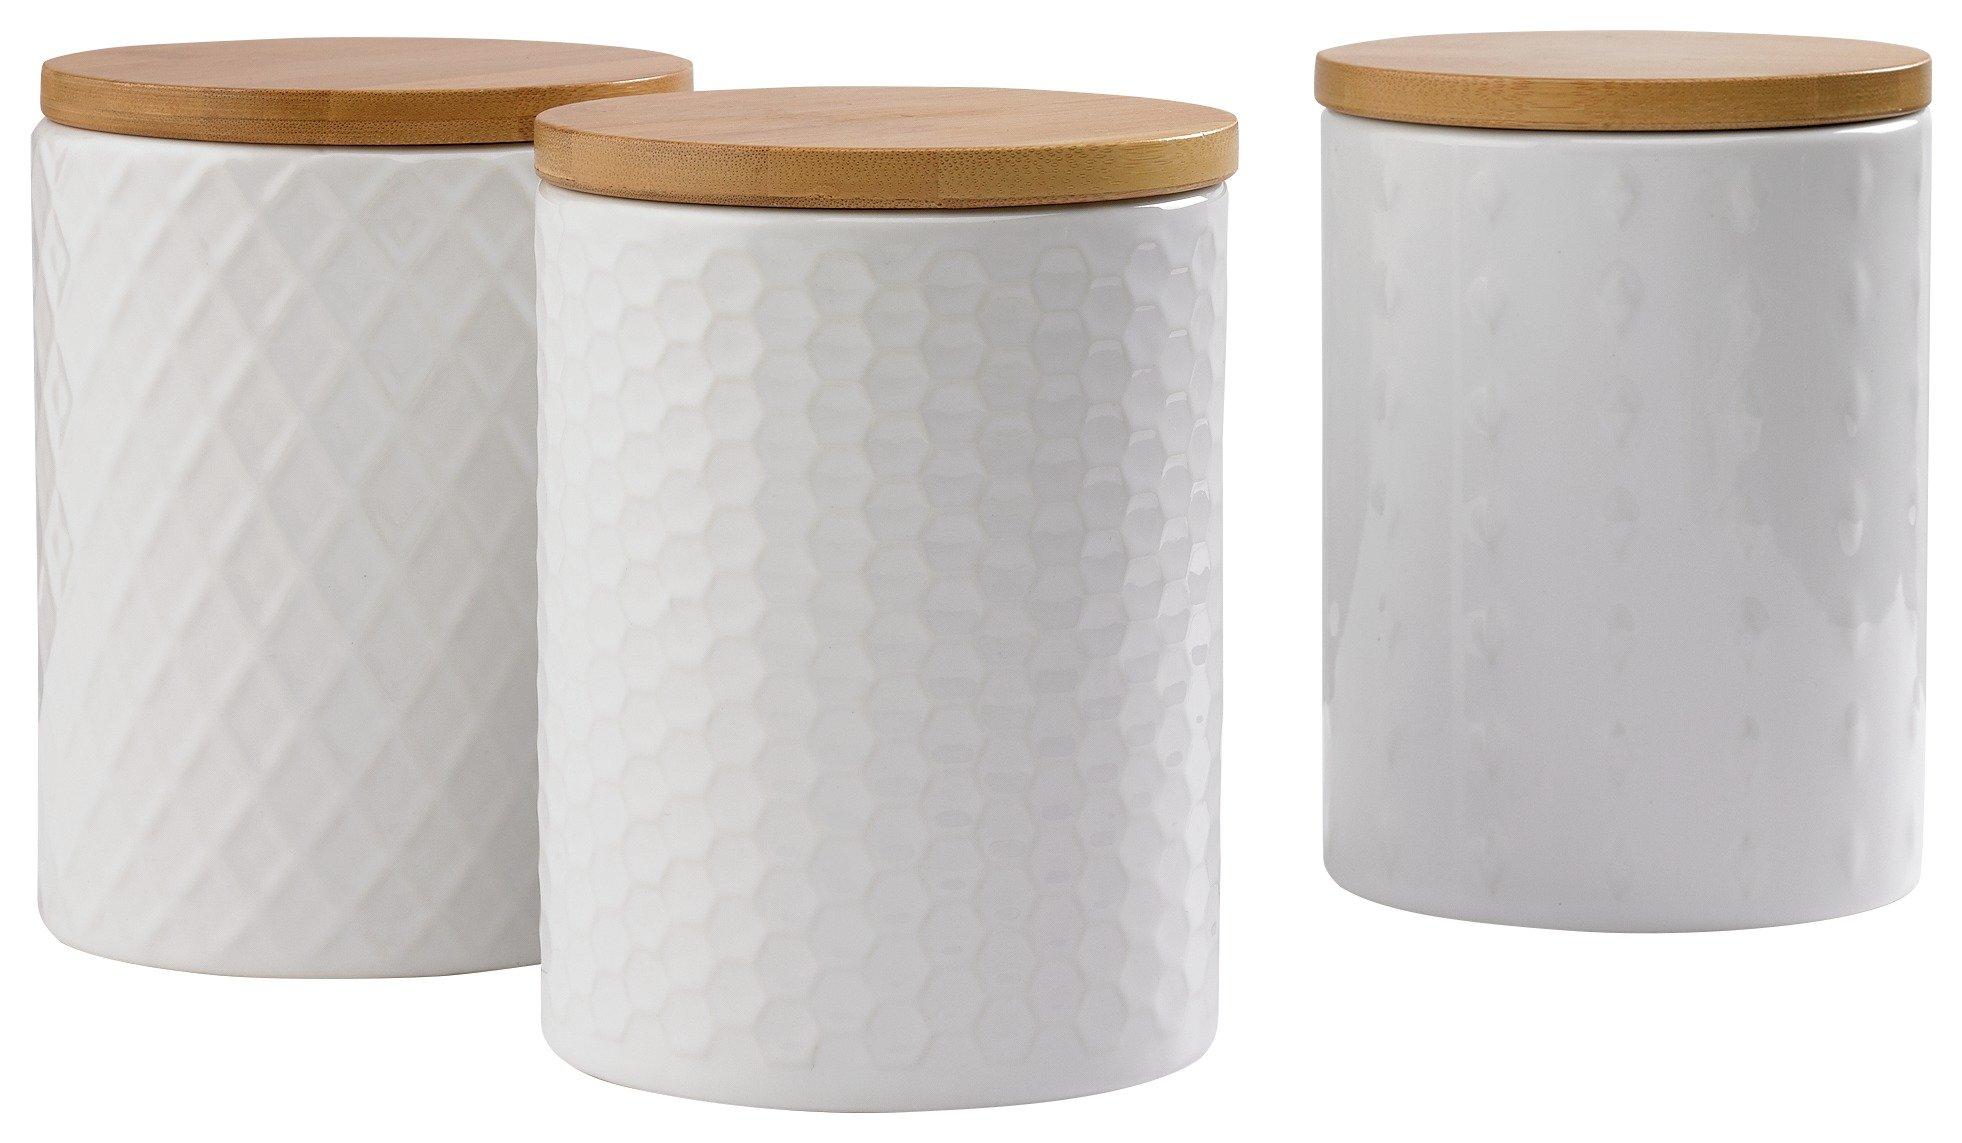 heart of house veda 3 textured storage jars   white results for kitchen storage jars  rh   argos co uk